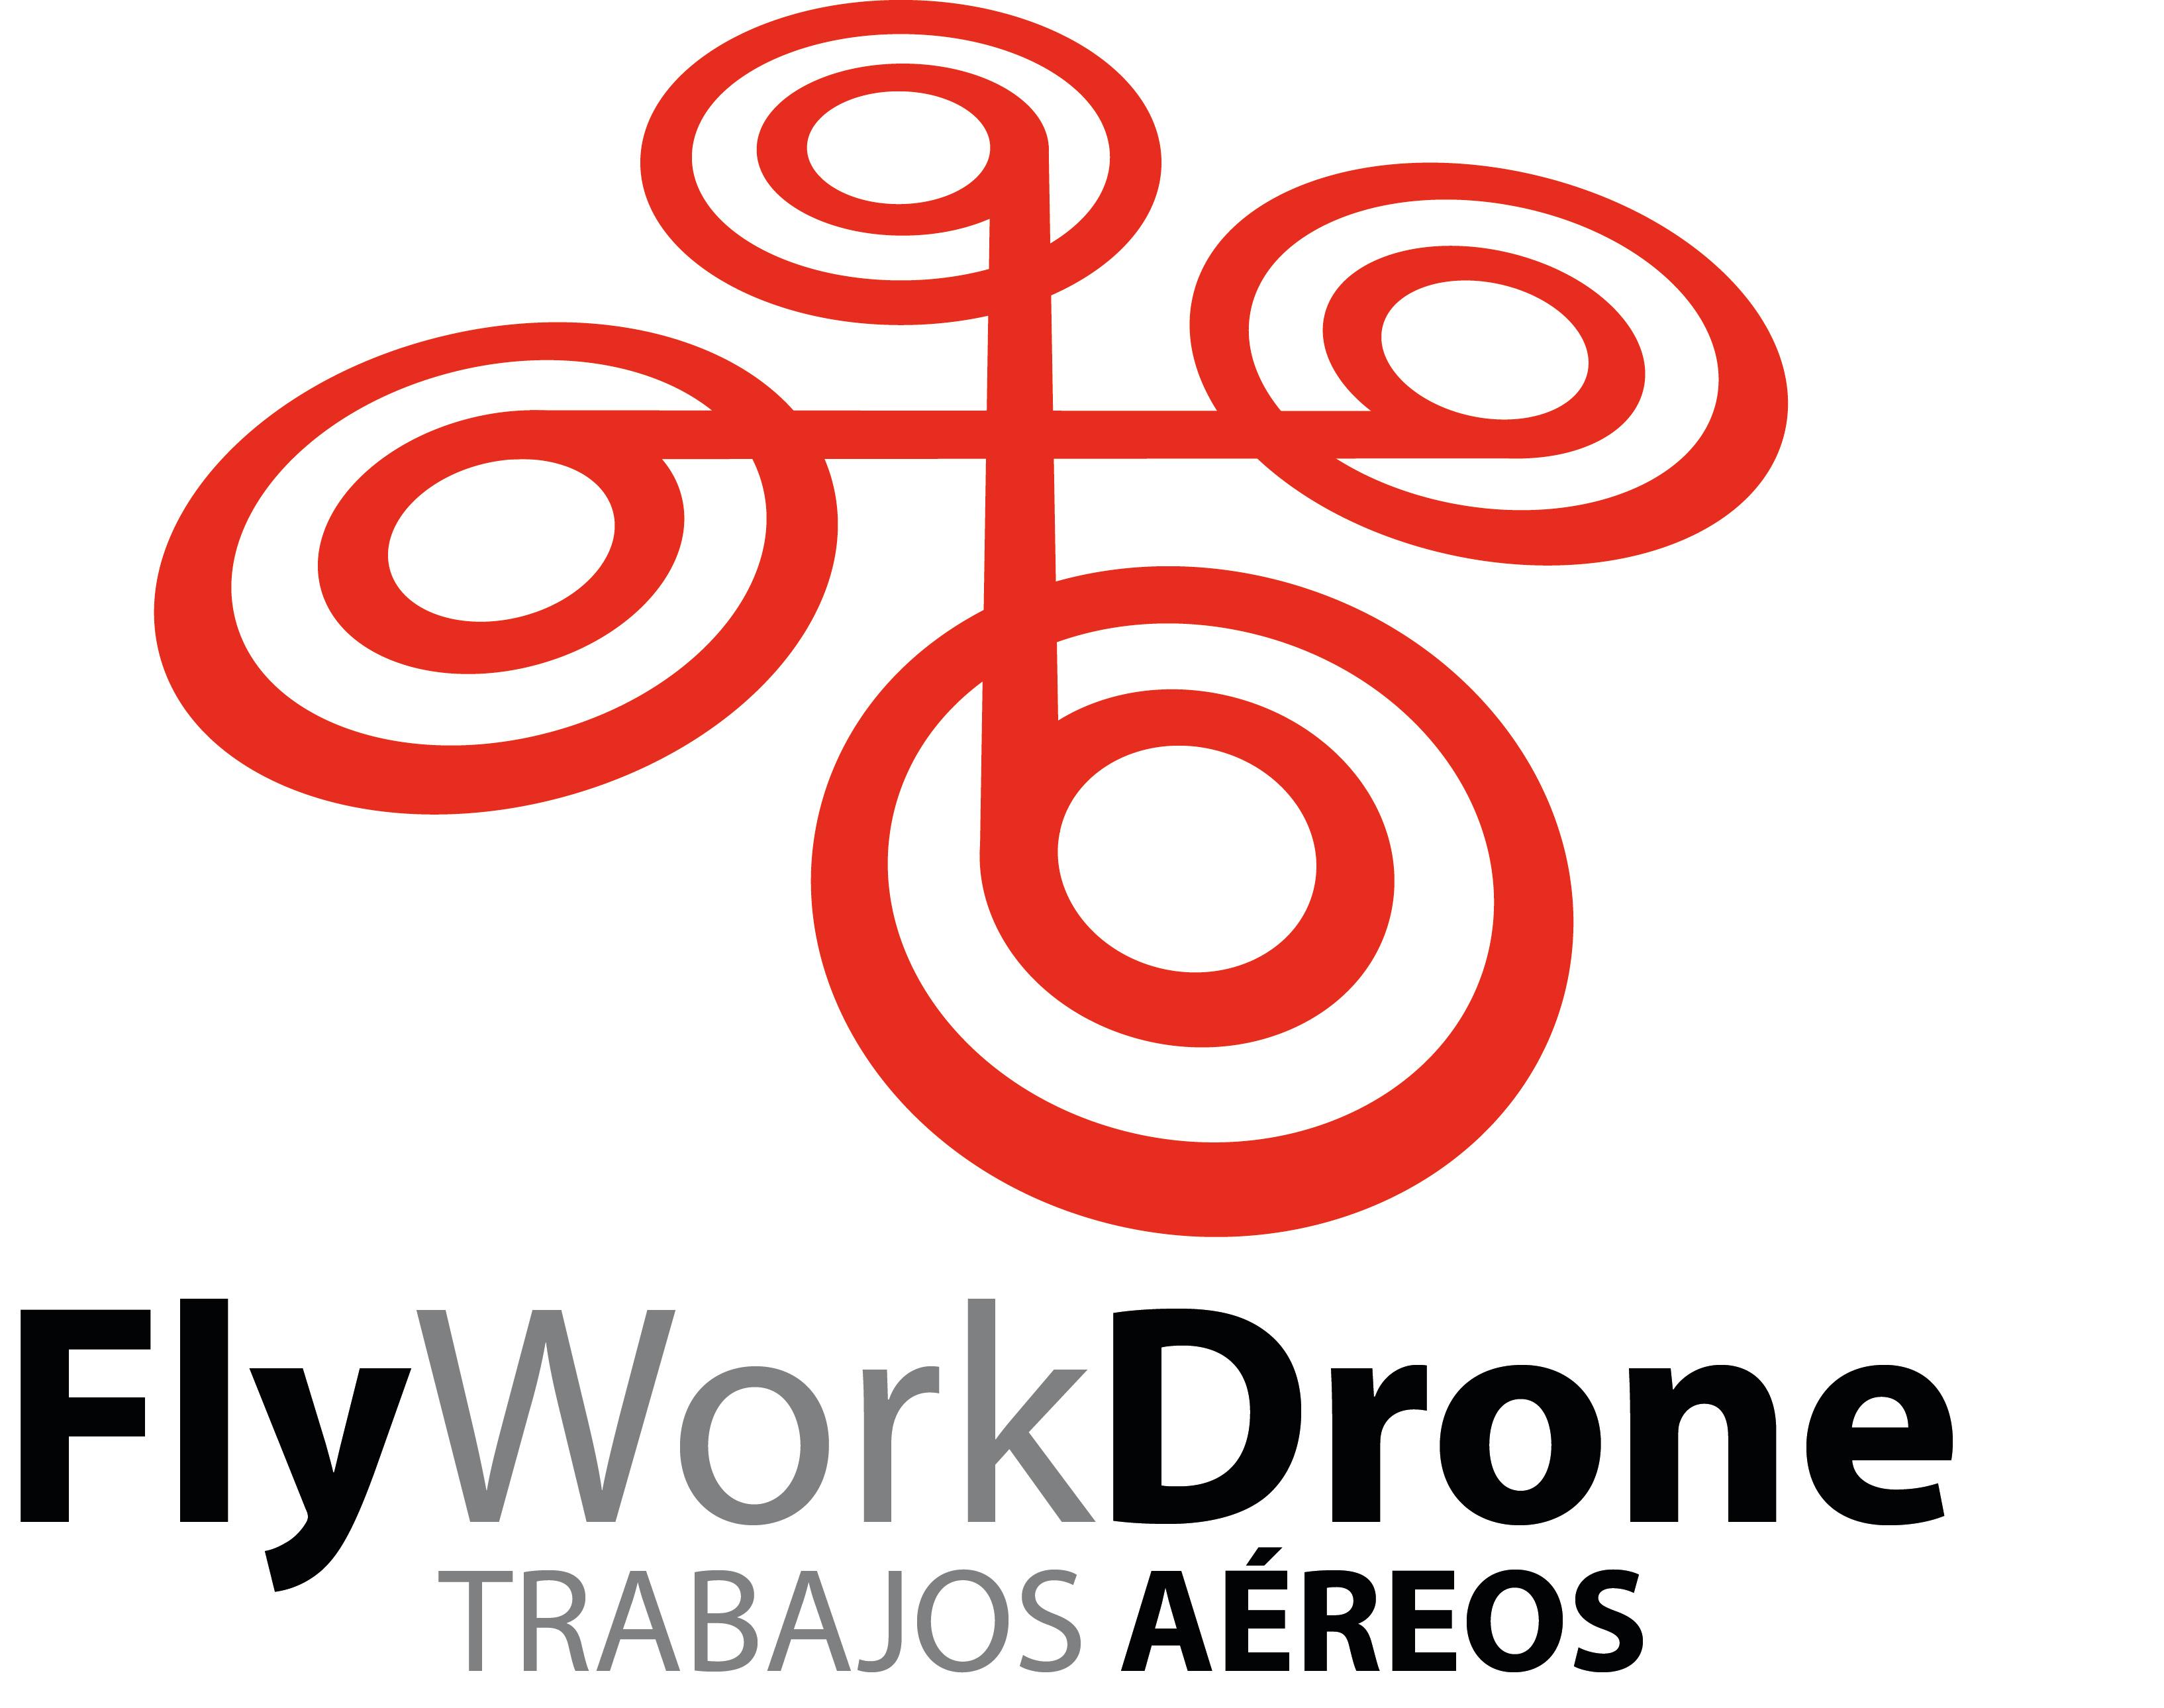 flyworkdrone